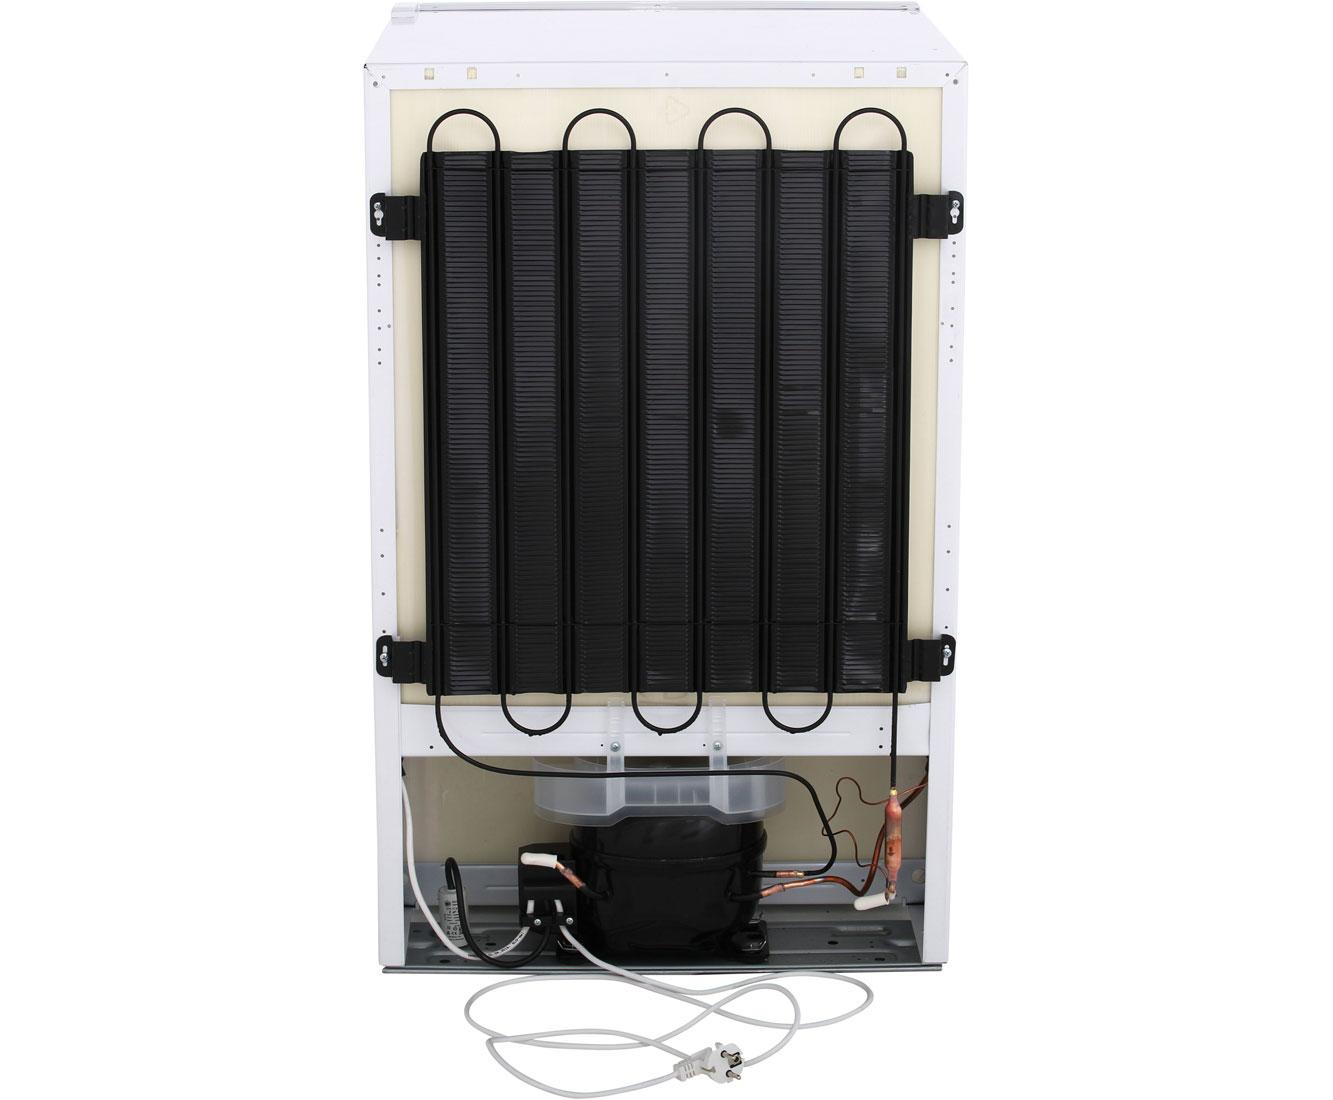 Gorenje Kühlschrank Tür Schliesst Nicht : Gorenje rbi aw einbau kühlschrank mit gefrierfach er nische